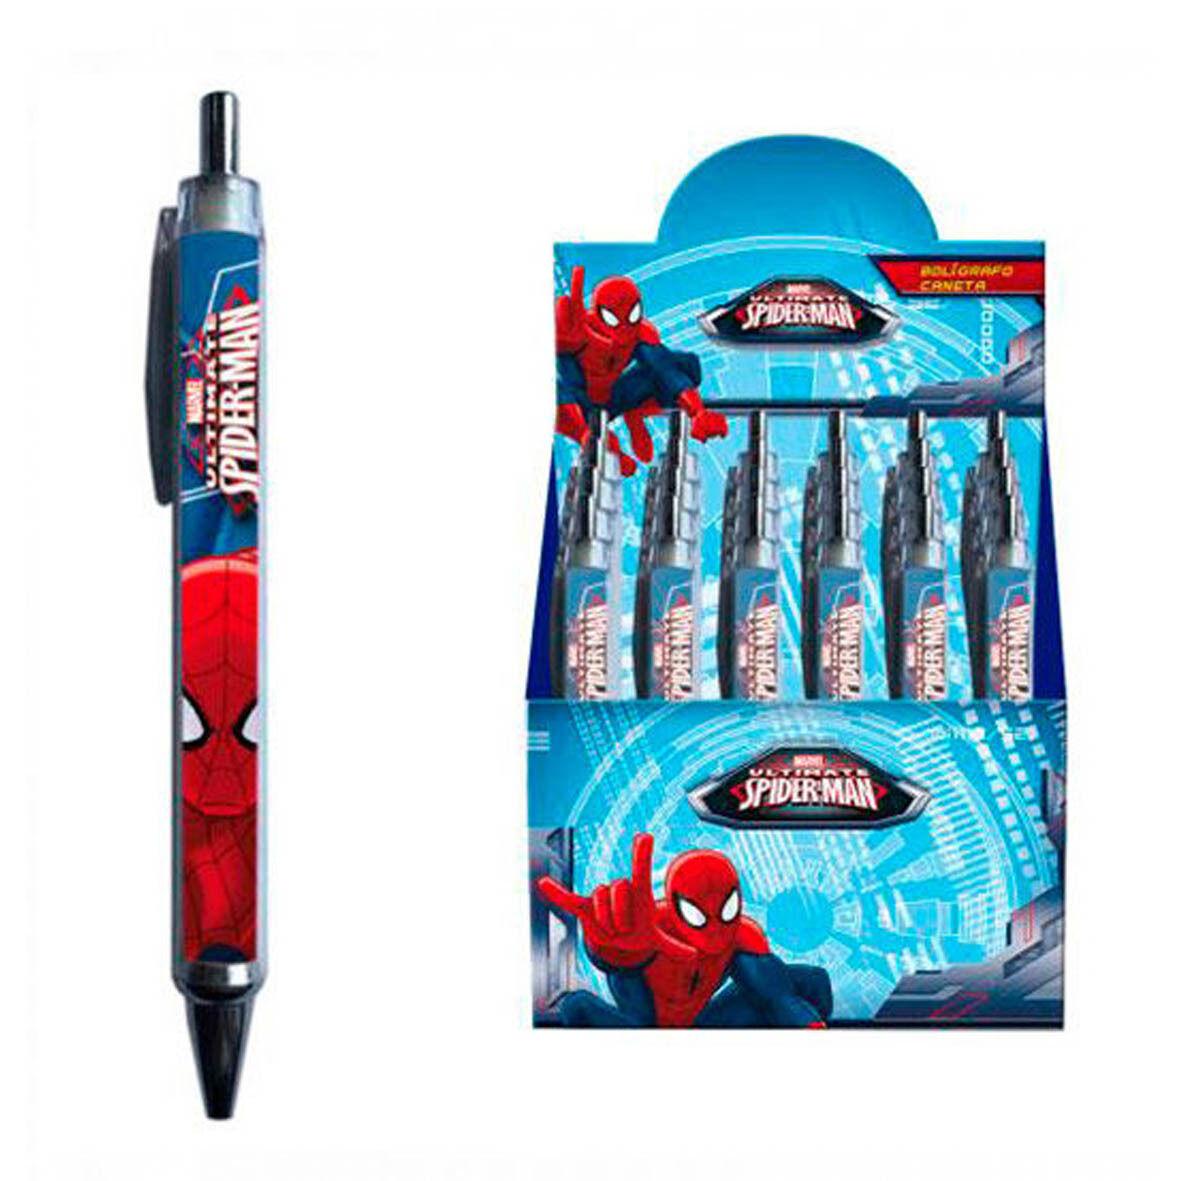 SPIDERMAN UOMO RAGNO penna a scatto blu scuola 13,5 cm